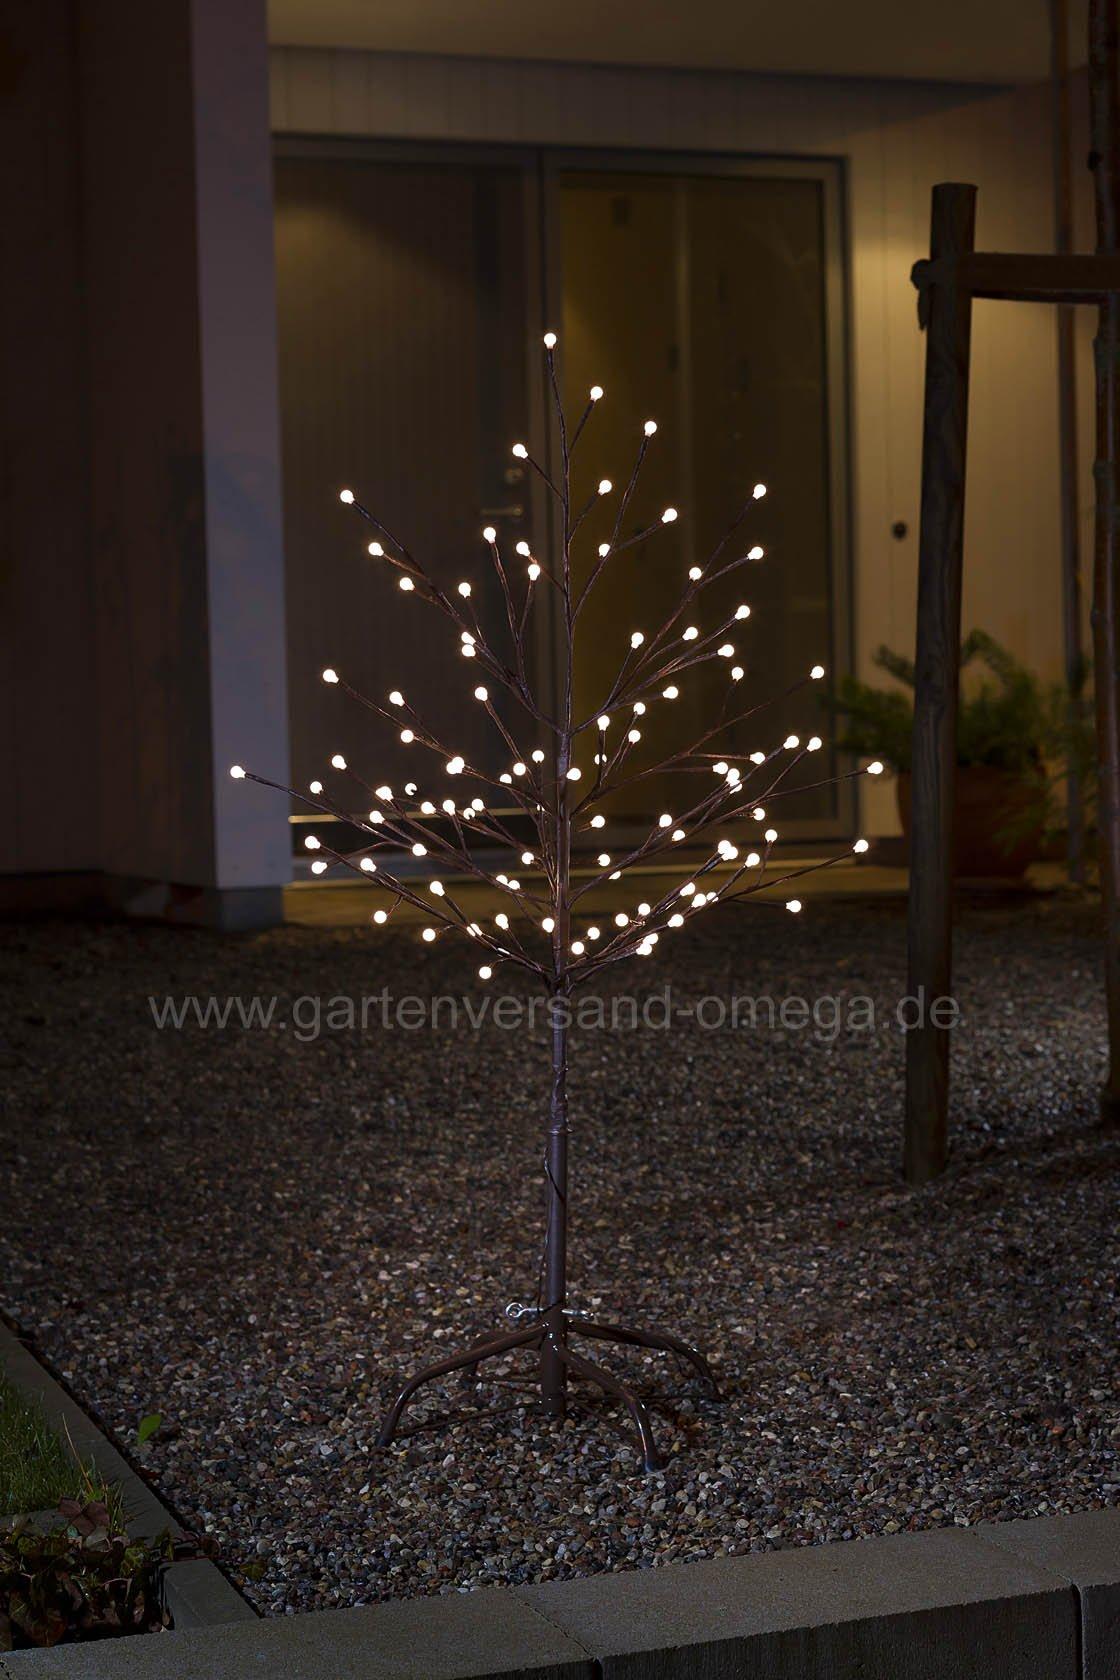 led lichterbaum braun lichterzweig led baum gartendekoration beleuchtet winterbeleuchtung. Black Bedroom Furniture Sets. Home Design Ideas